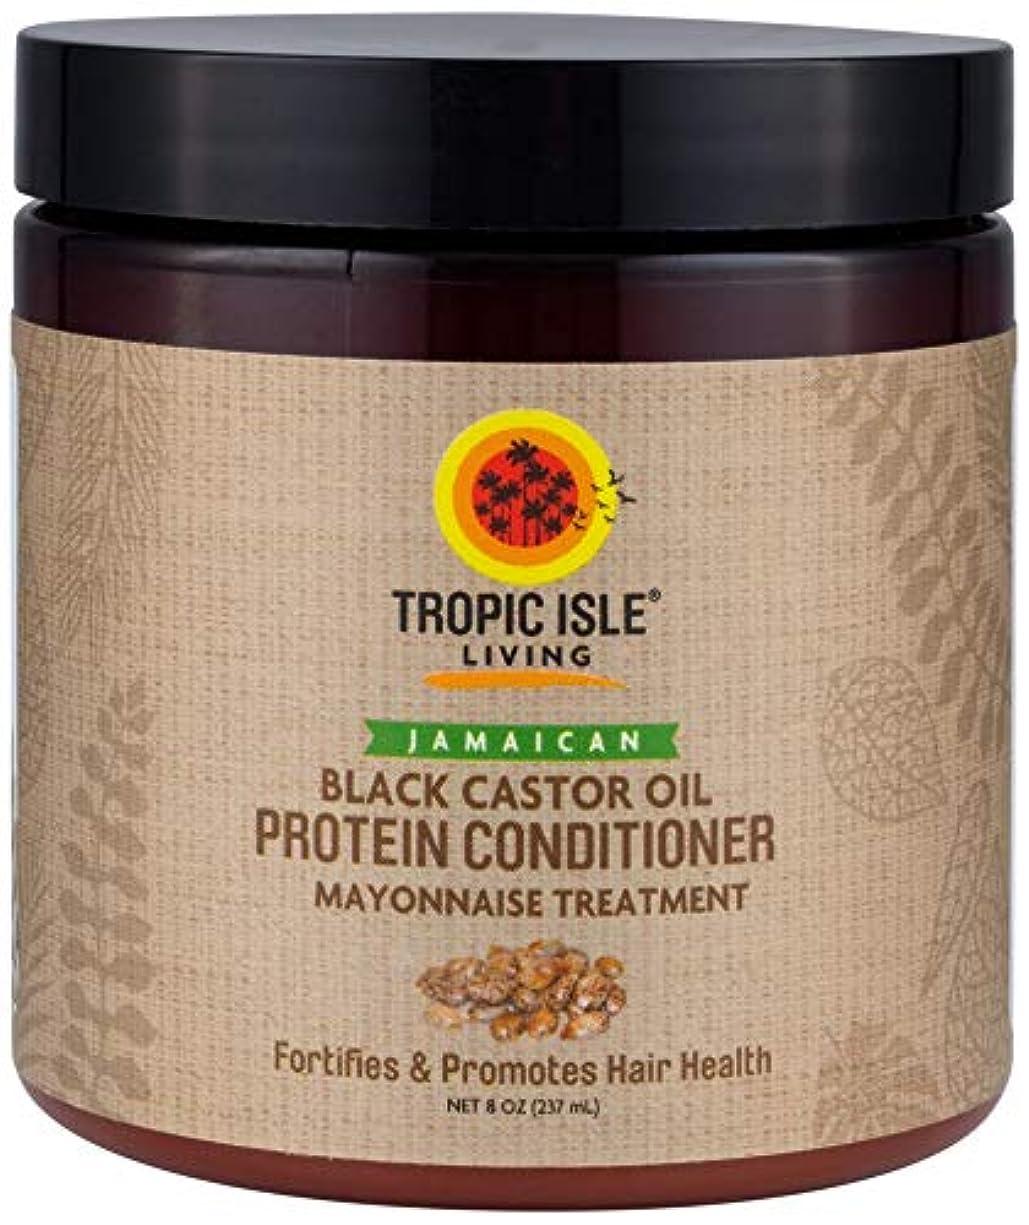 東ティモール隣接する投獄Jamaican Black Castor Oil Protein Hair Conditioner by Tropic Isle Living